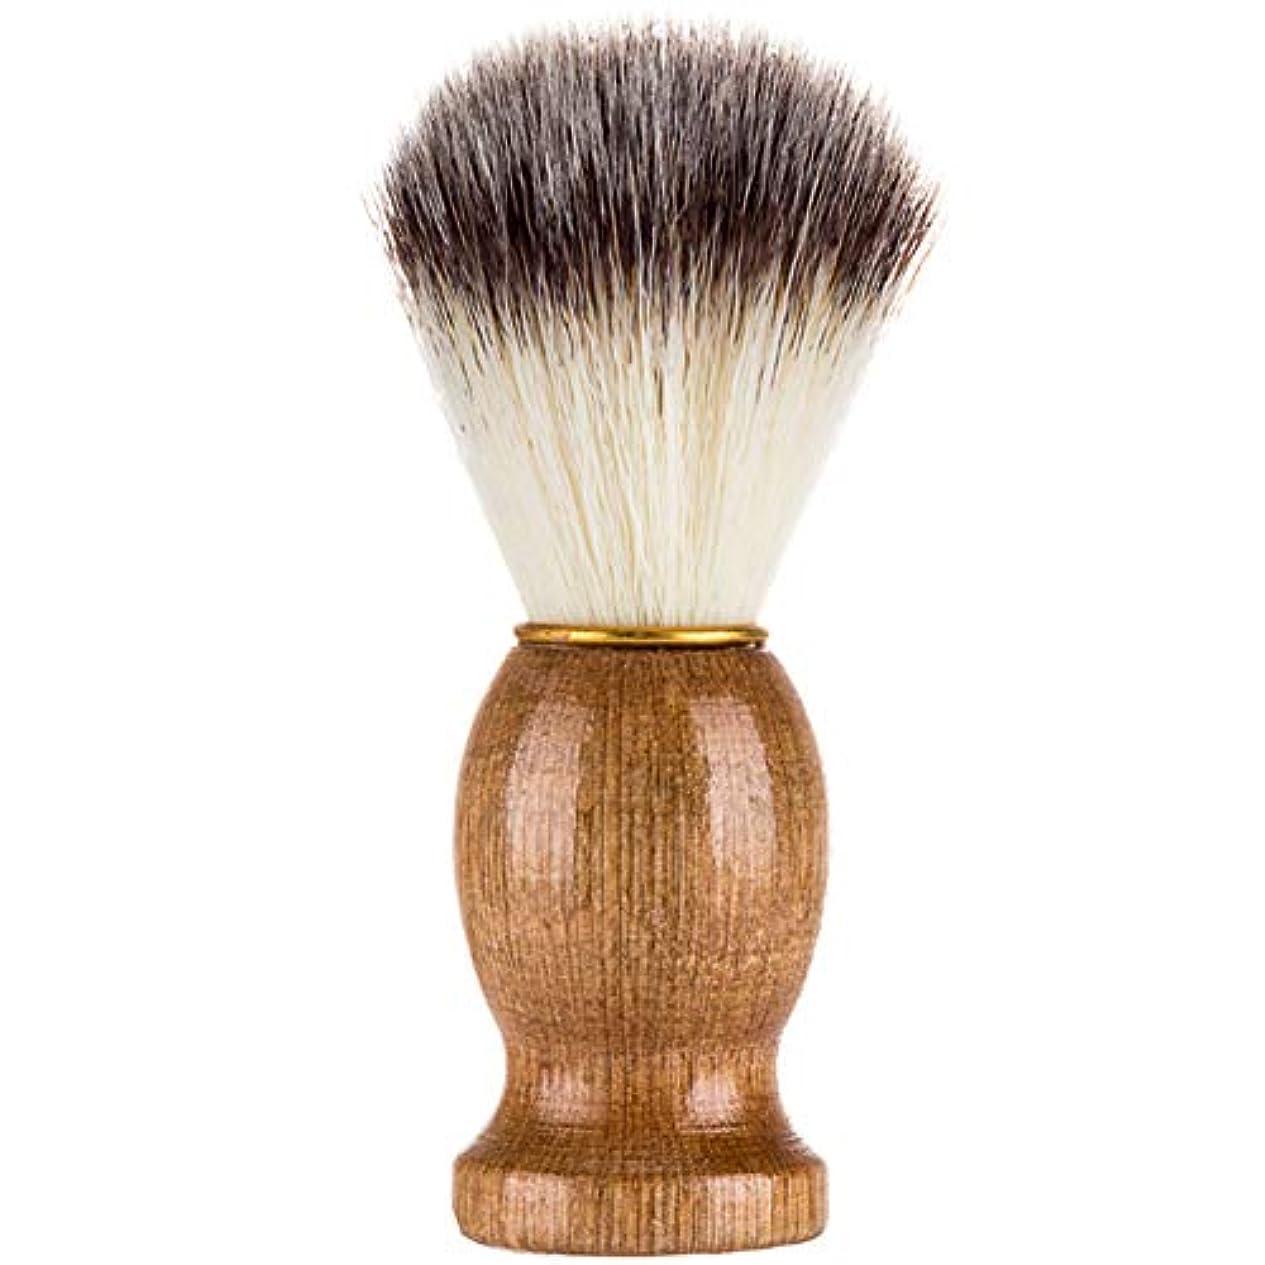 ボイドリファイン従事するProfeel シェービングブラシ、シェービングブラシ、男性シェービングブラシシェービングかみそりブラシサロン理髪店用ツールひげ剃り用品